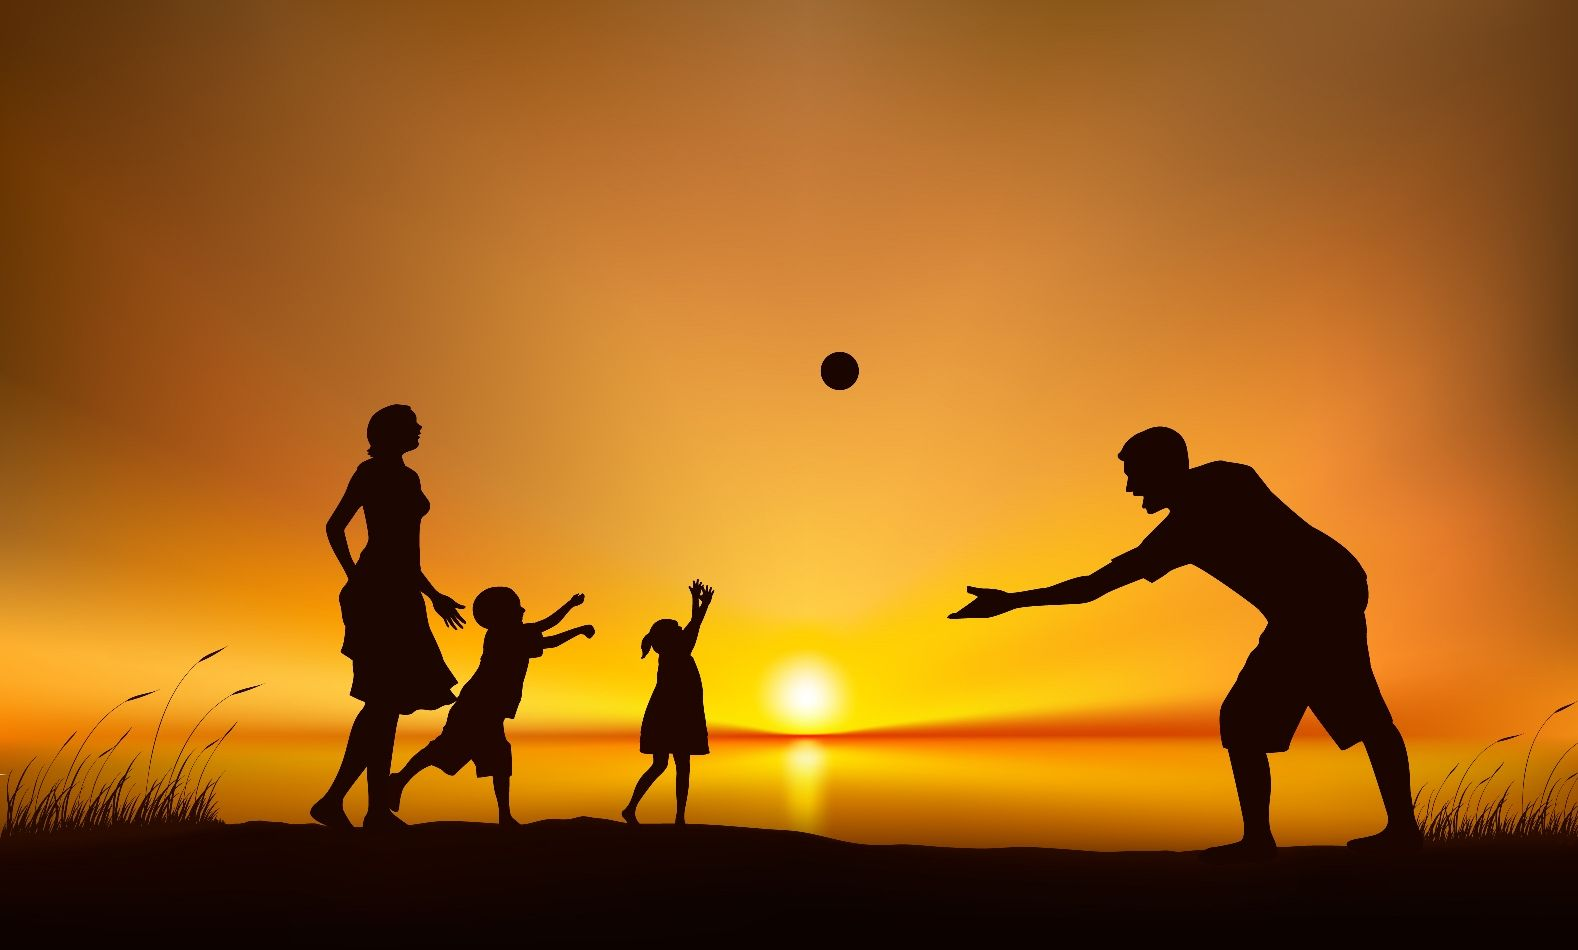 Familia with atenção à família - mais qualidade é urgente! - wecareon